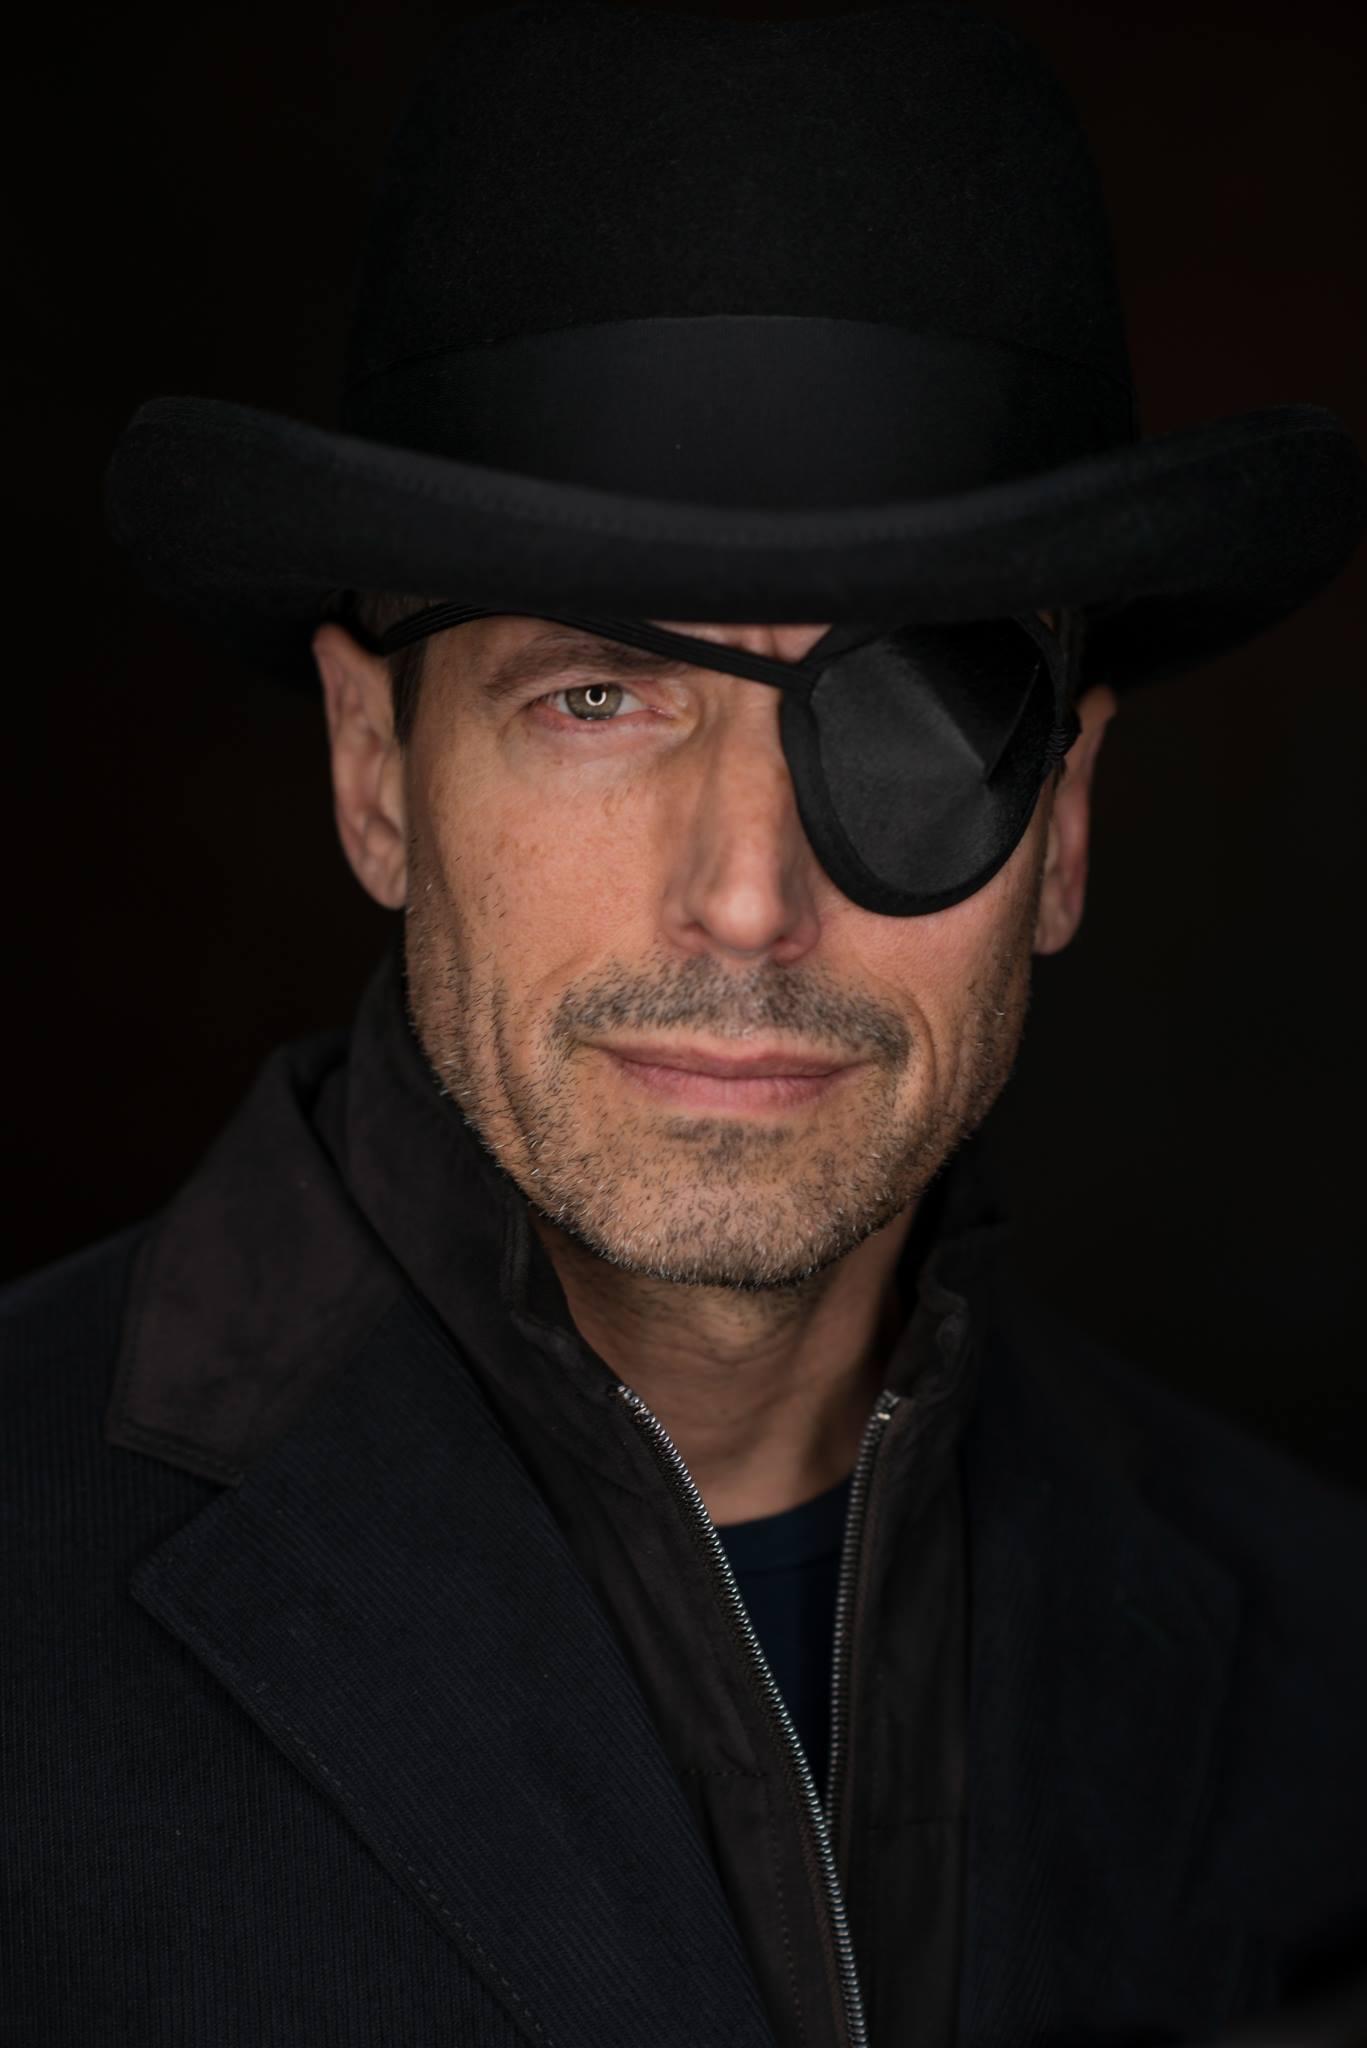 pirate-portrait-priscilla.jpg